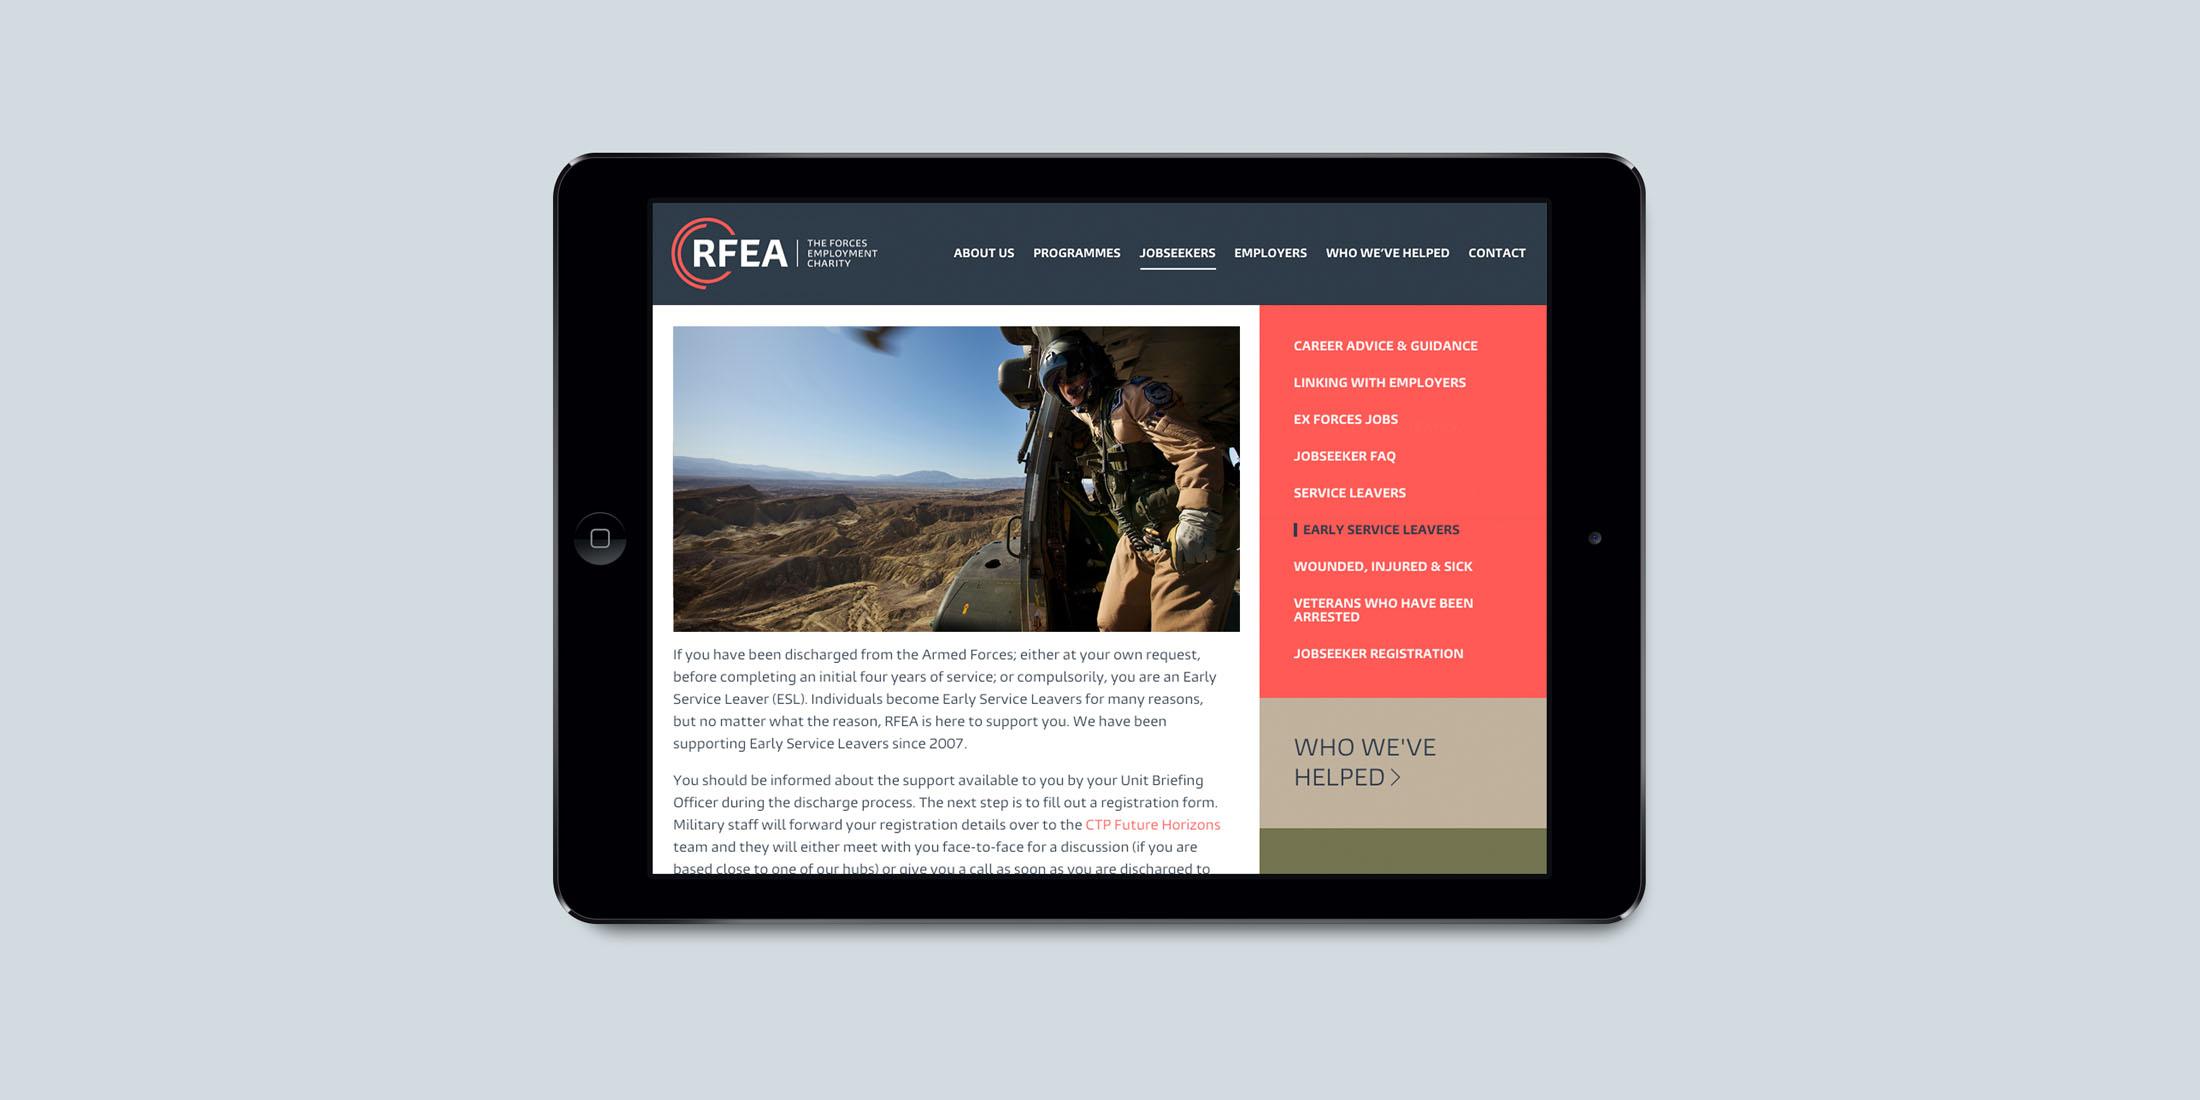 RFEA website